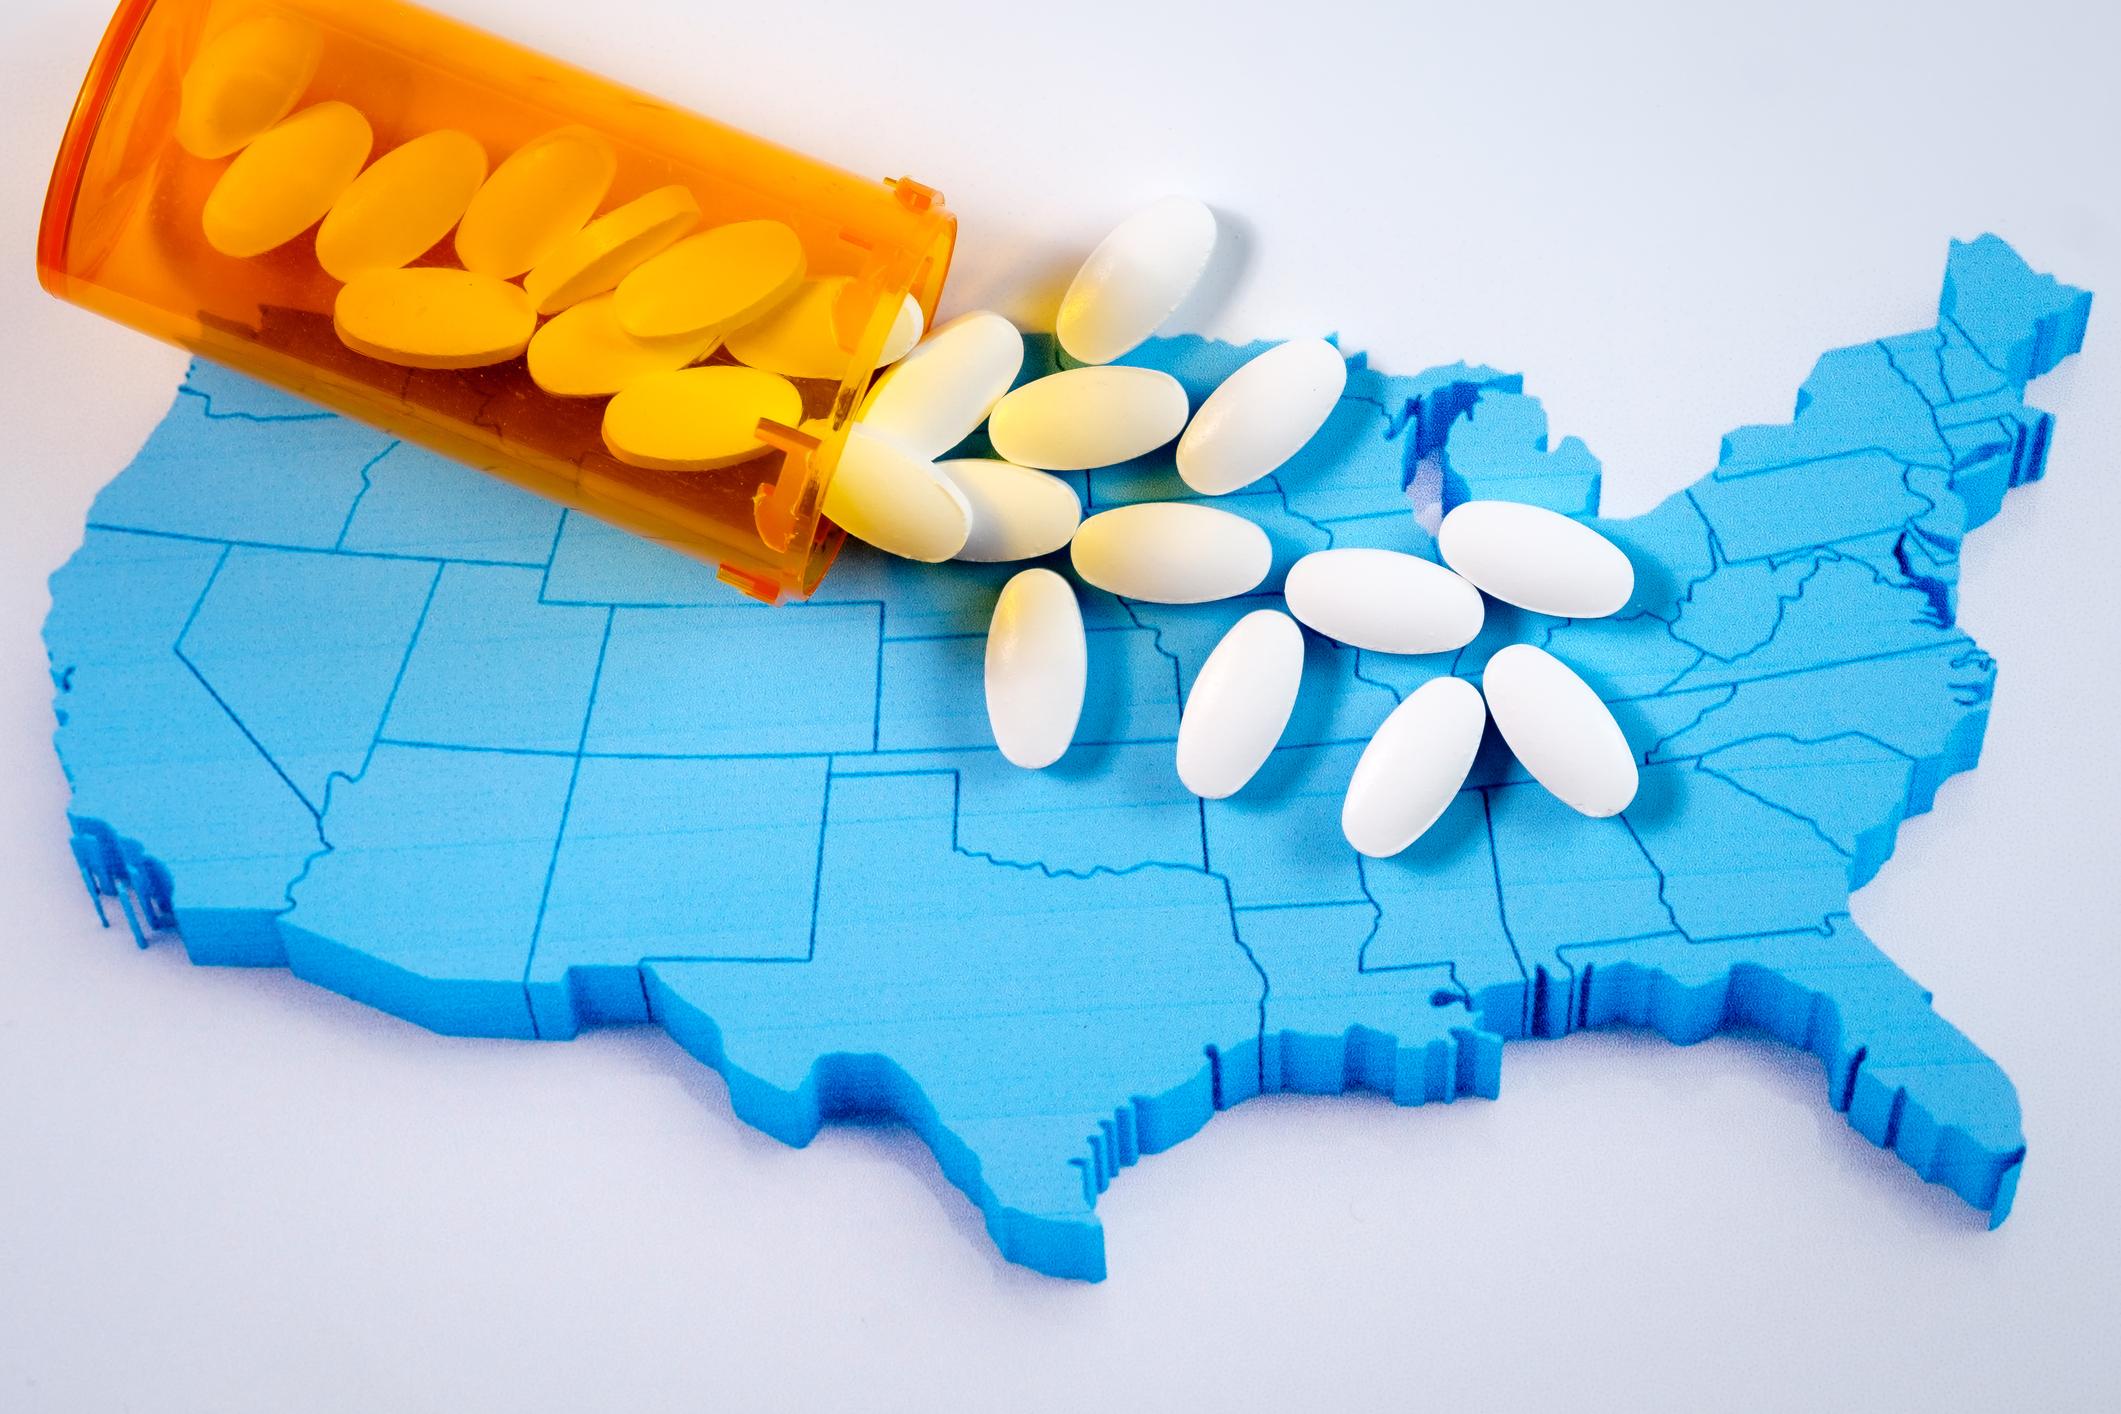 Translucent orange bottle spilling pills on top of a raised blue U.S. map